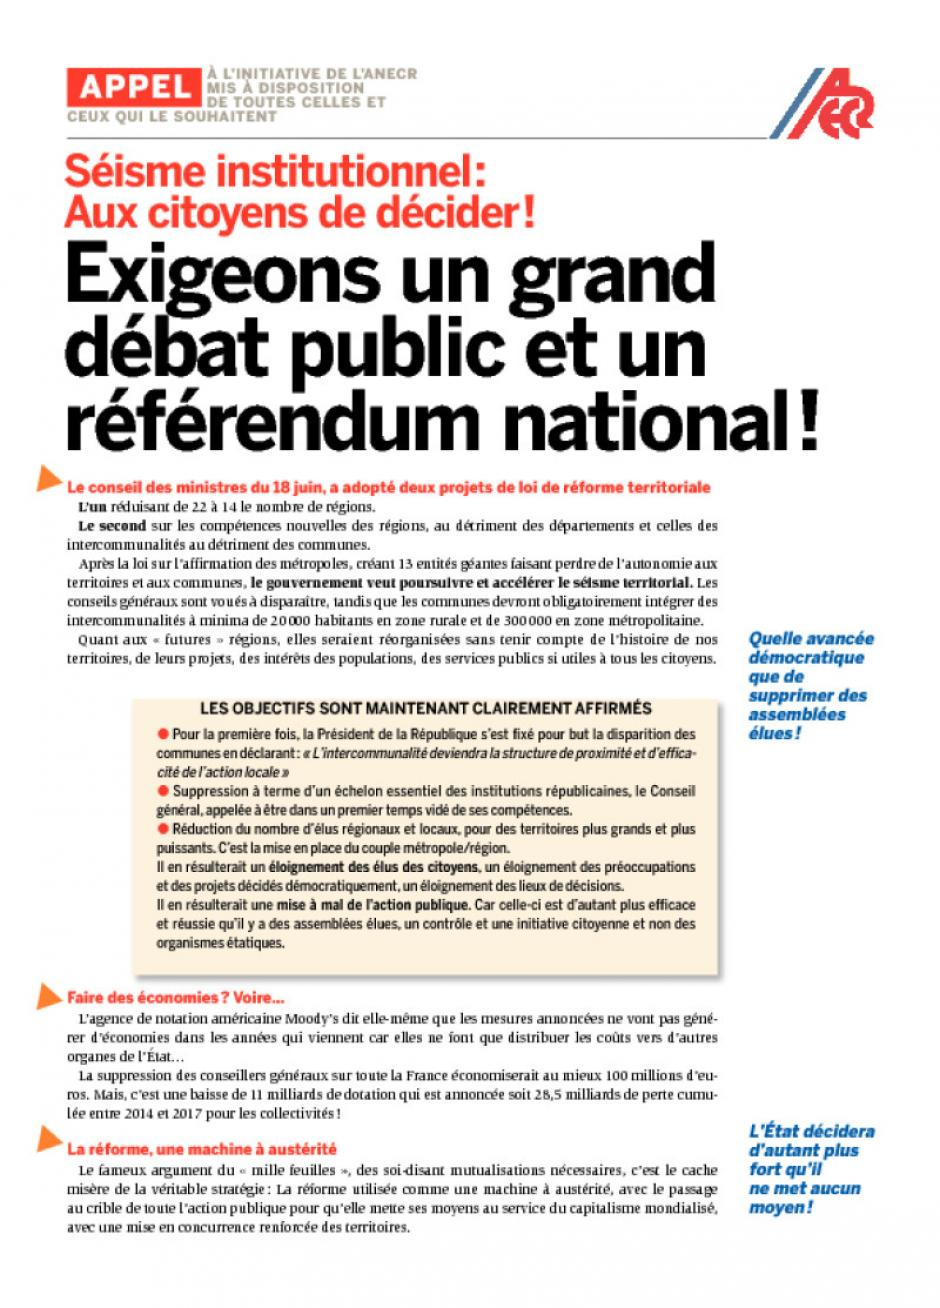 Séisme institutionnel: Aux citoyens de décider!. Appel de l'ANECR